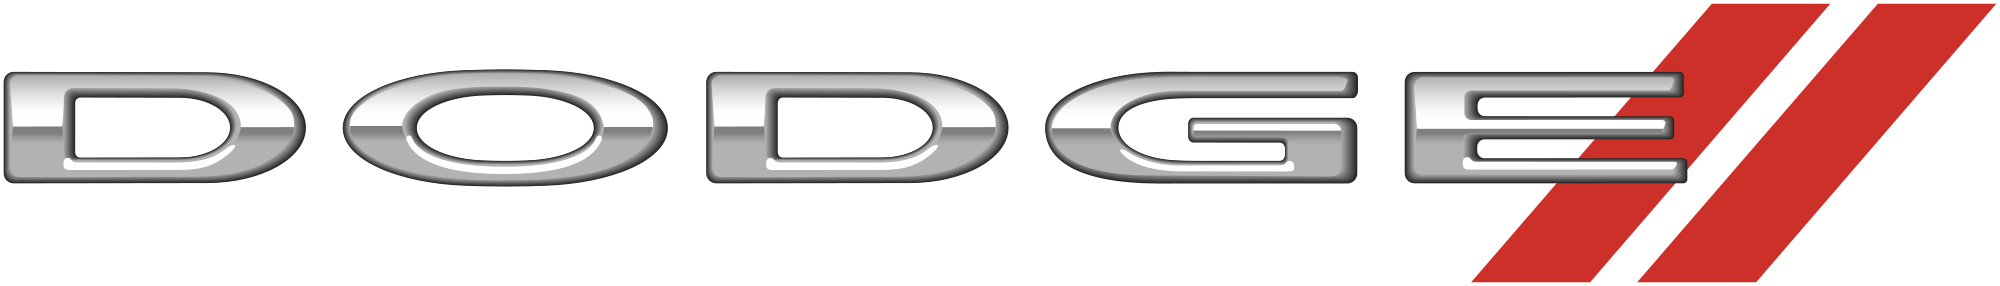 Dodge Logo Transparent Png